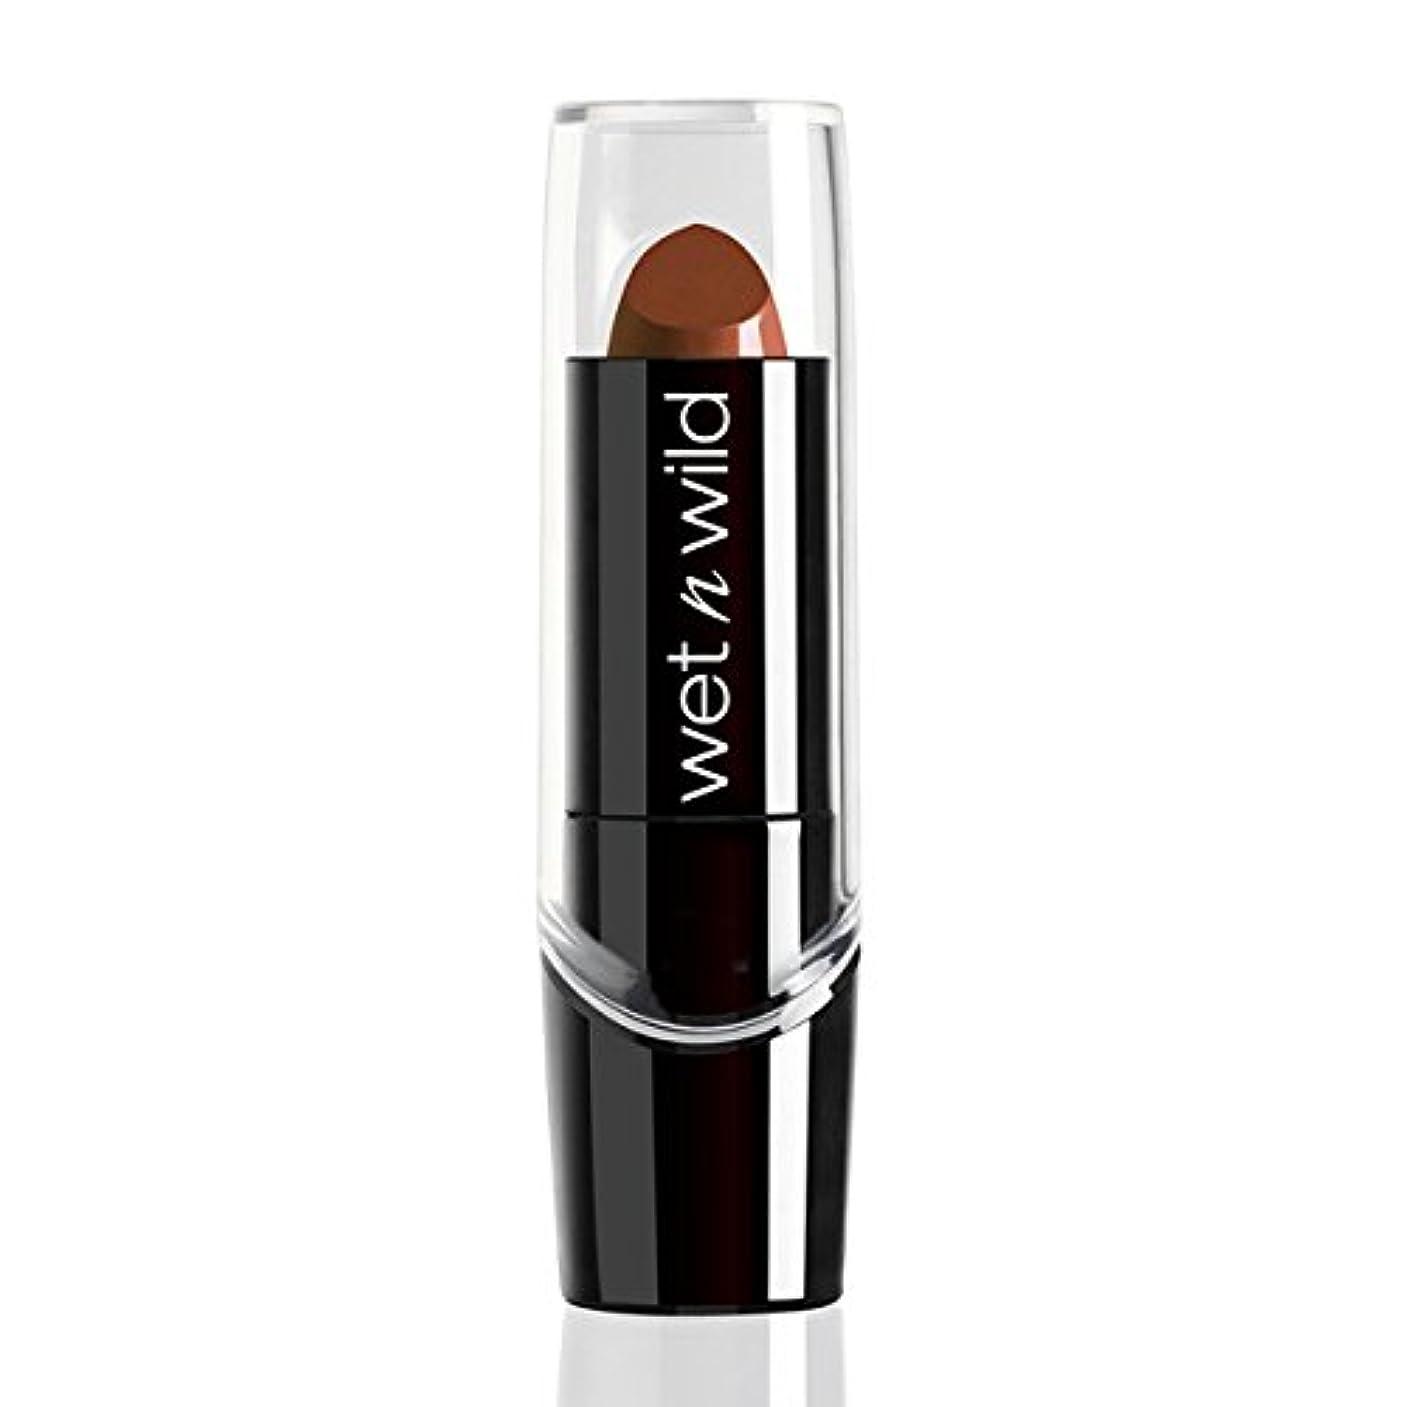 ドルゆりかご程度WET N WILD Silk Finish Lipstick - Mink Brown (並行輸入品)